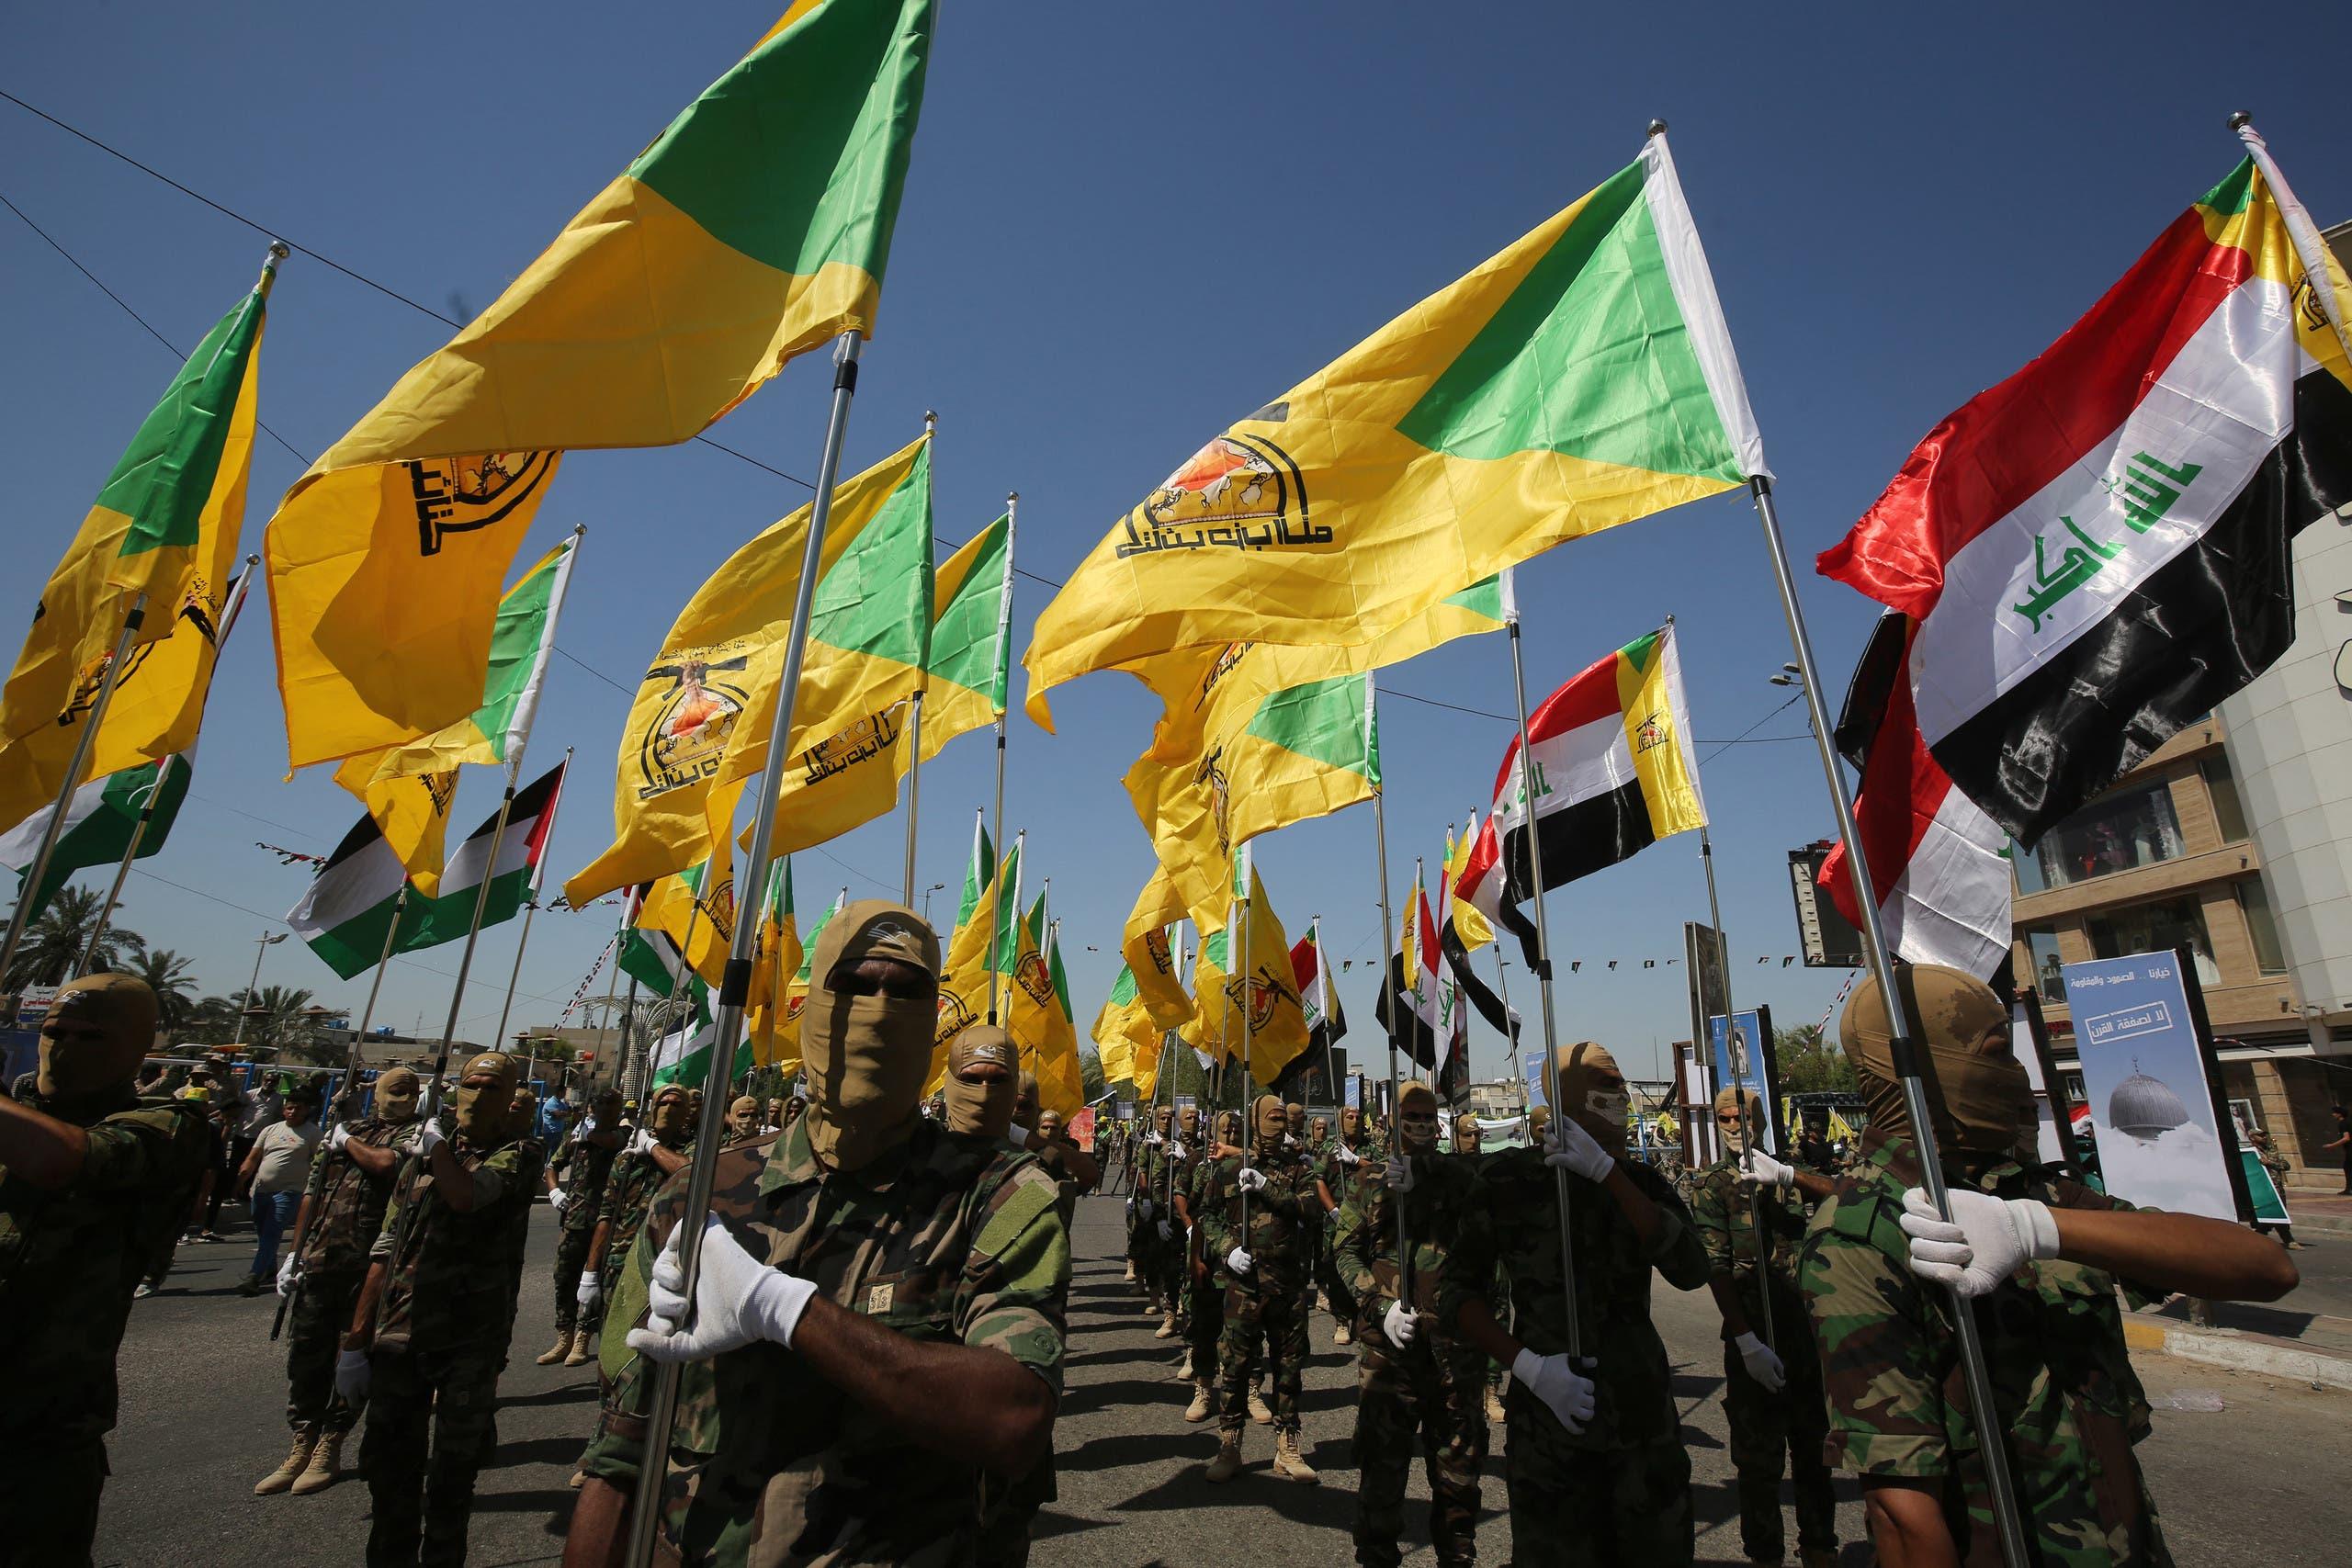 عناصر من كتائب حزب الله العراقية (أرشيفية)